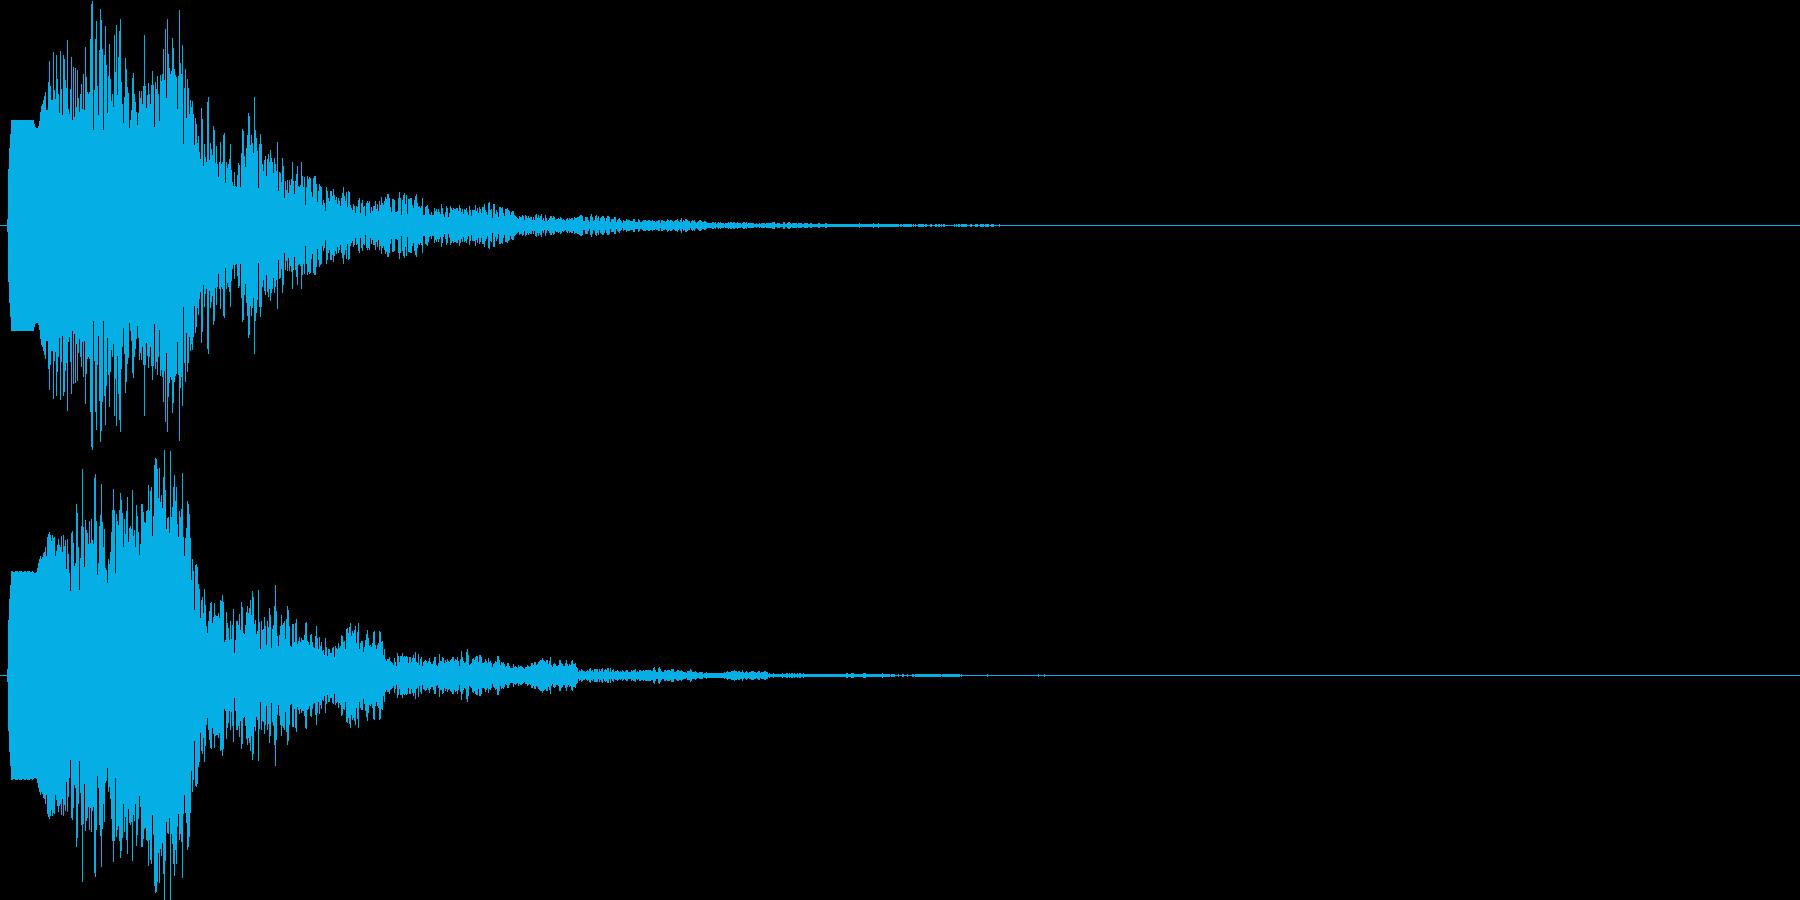 ピロロン(ボタン音・プッシュ音)の再生済みの波形